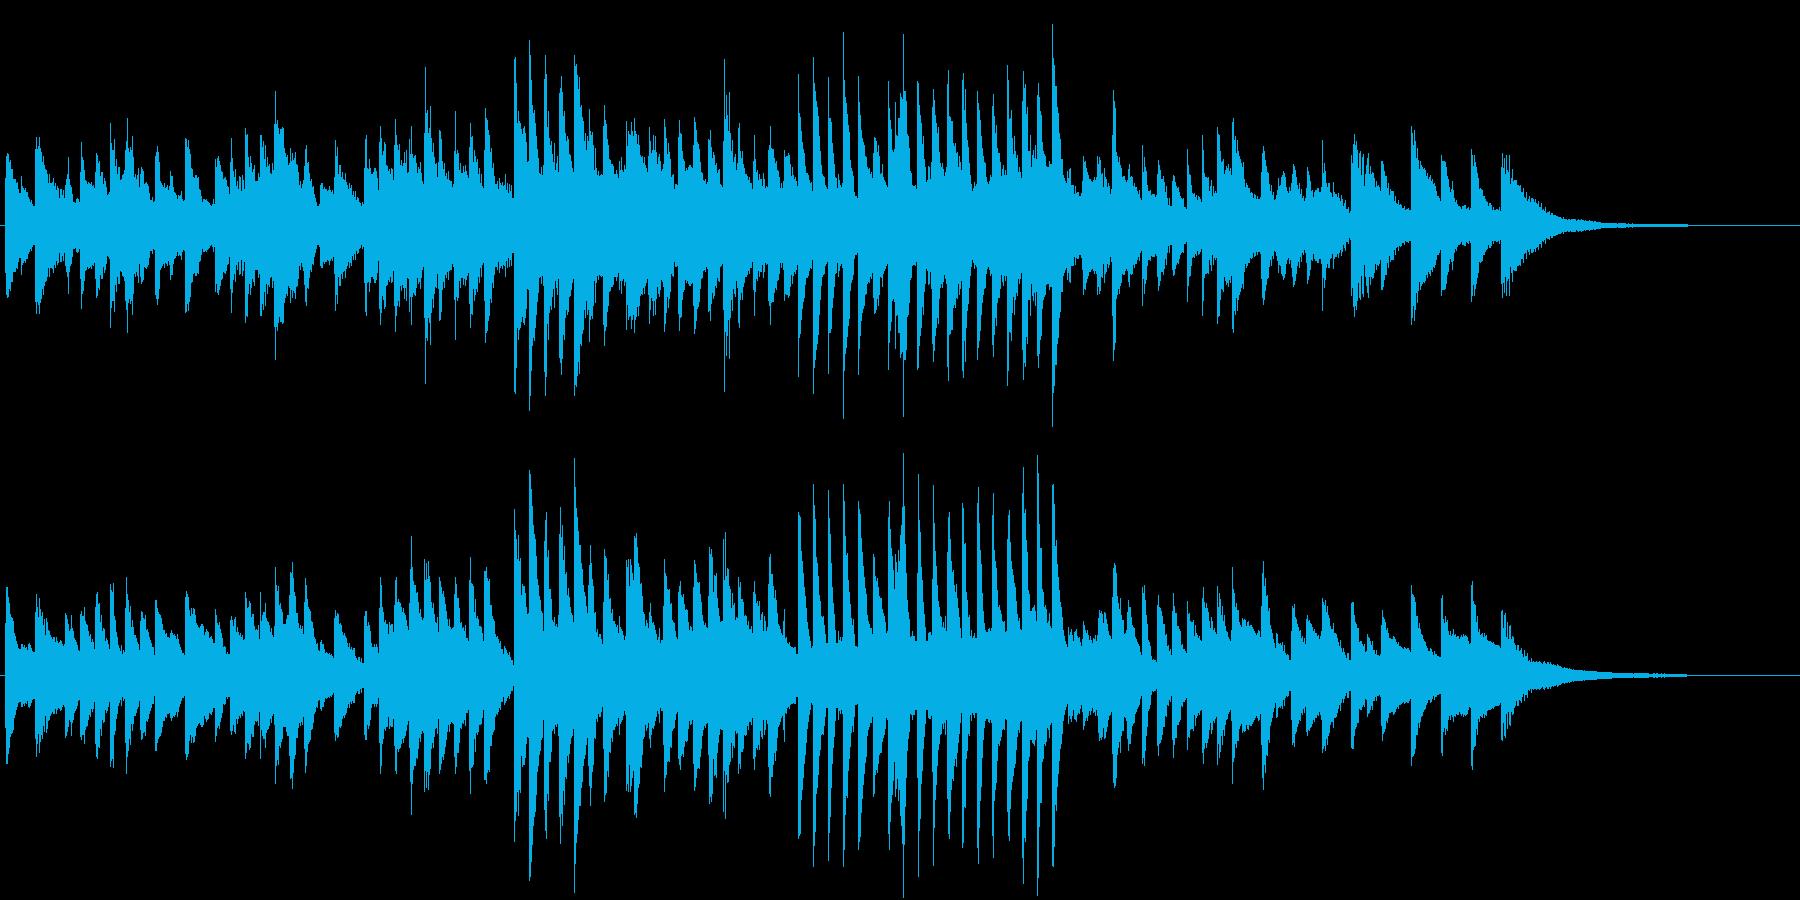 4分5拍子の哀愁ただよう秋ピアノジングルの再生済みの波形